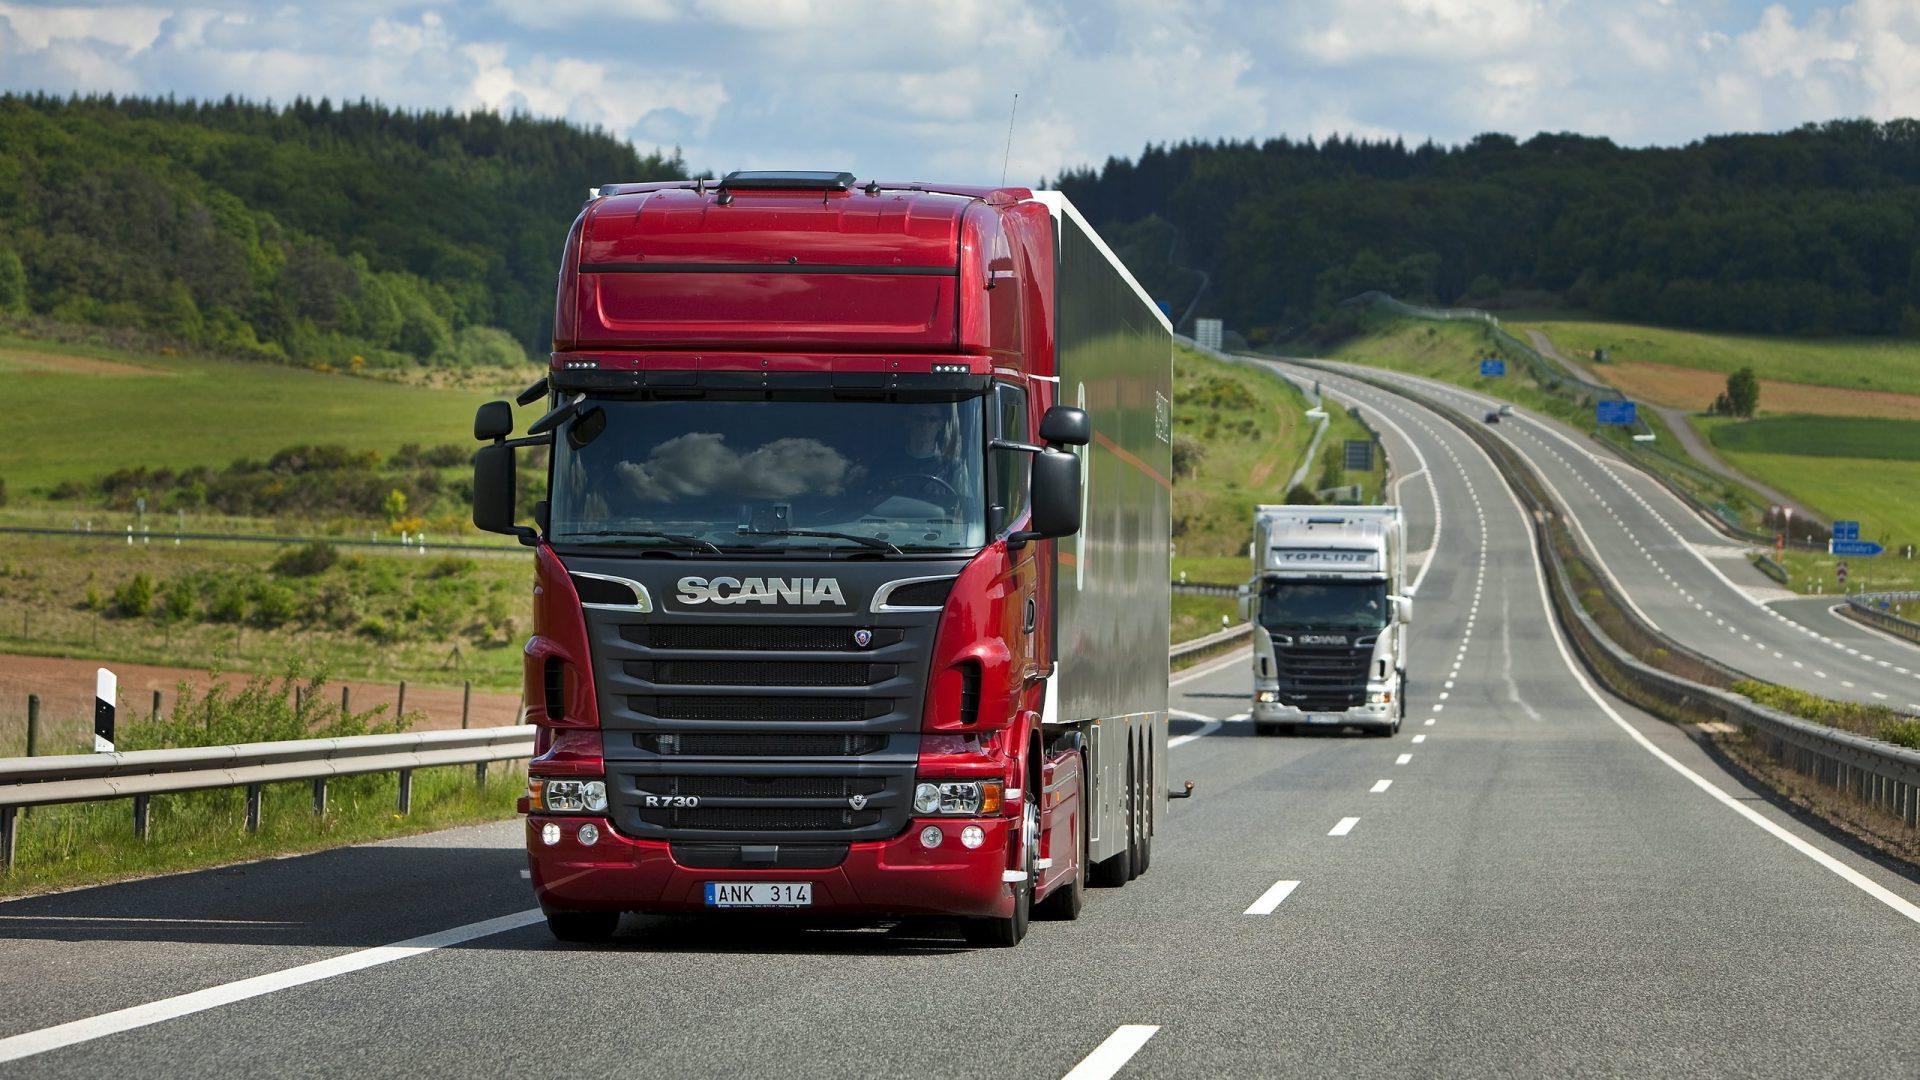 С 1 сентября 2018 года будут выдаваться электронные спецразрешения на проезд тяжелого грузового транспорта